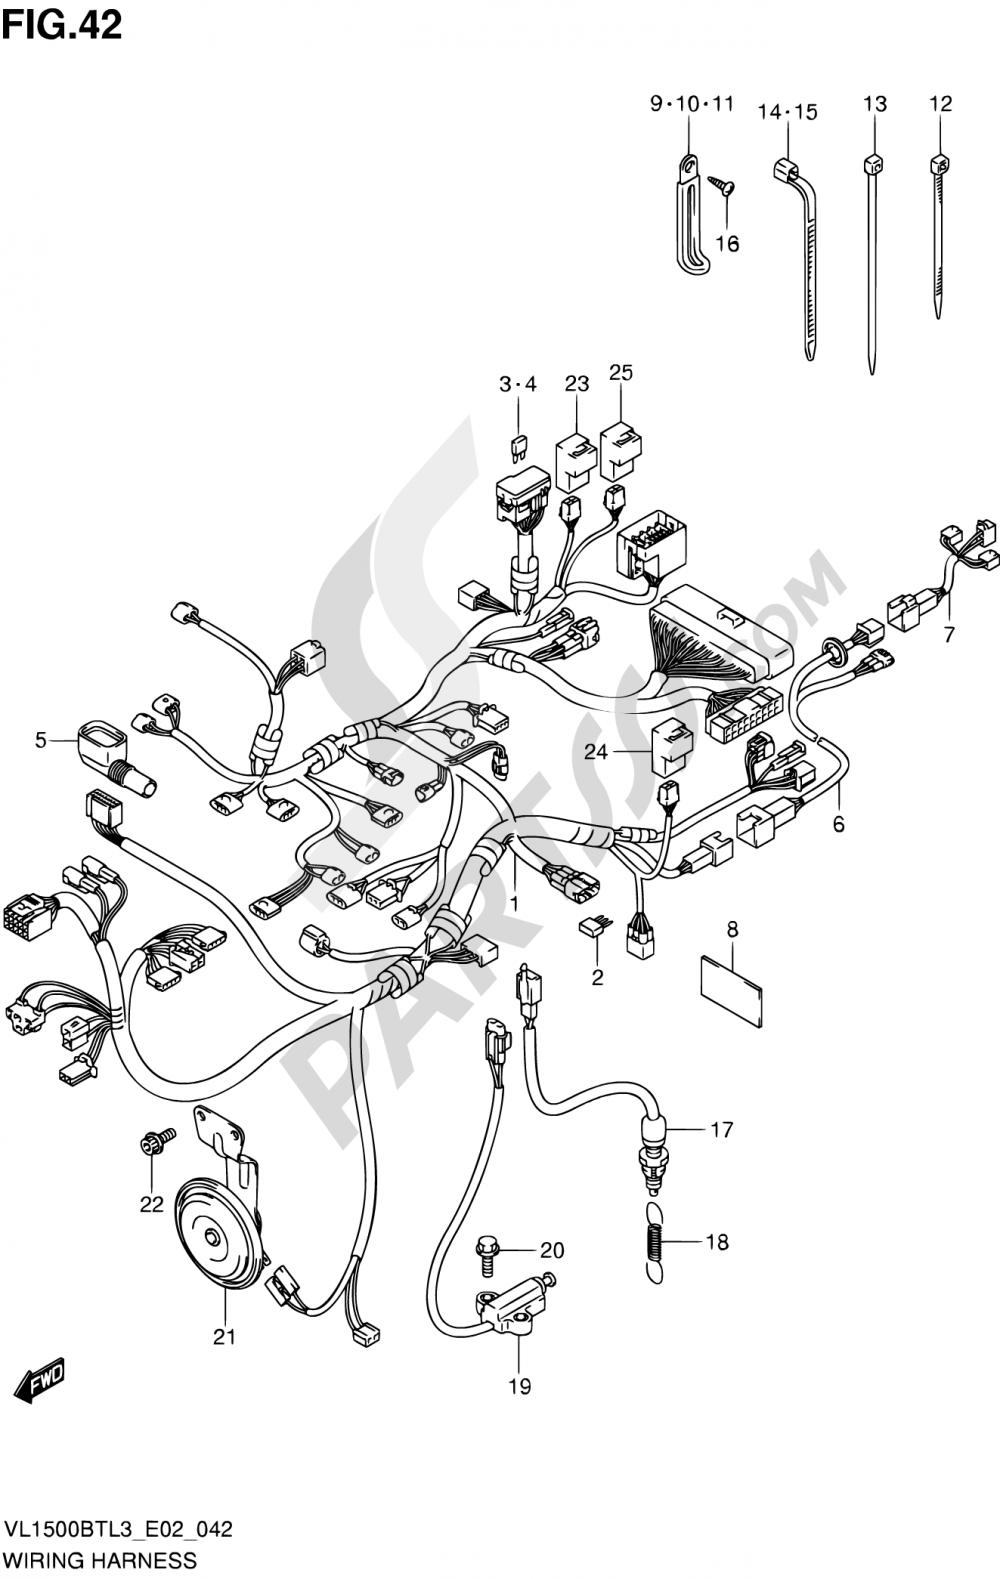 42 - WIRING HARNESS Suzuki INTRUDER VL1500BT 2013